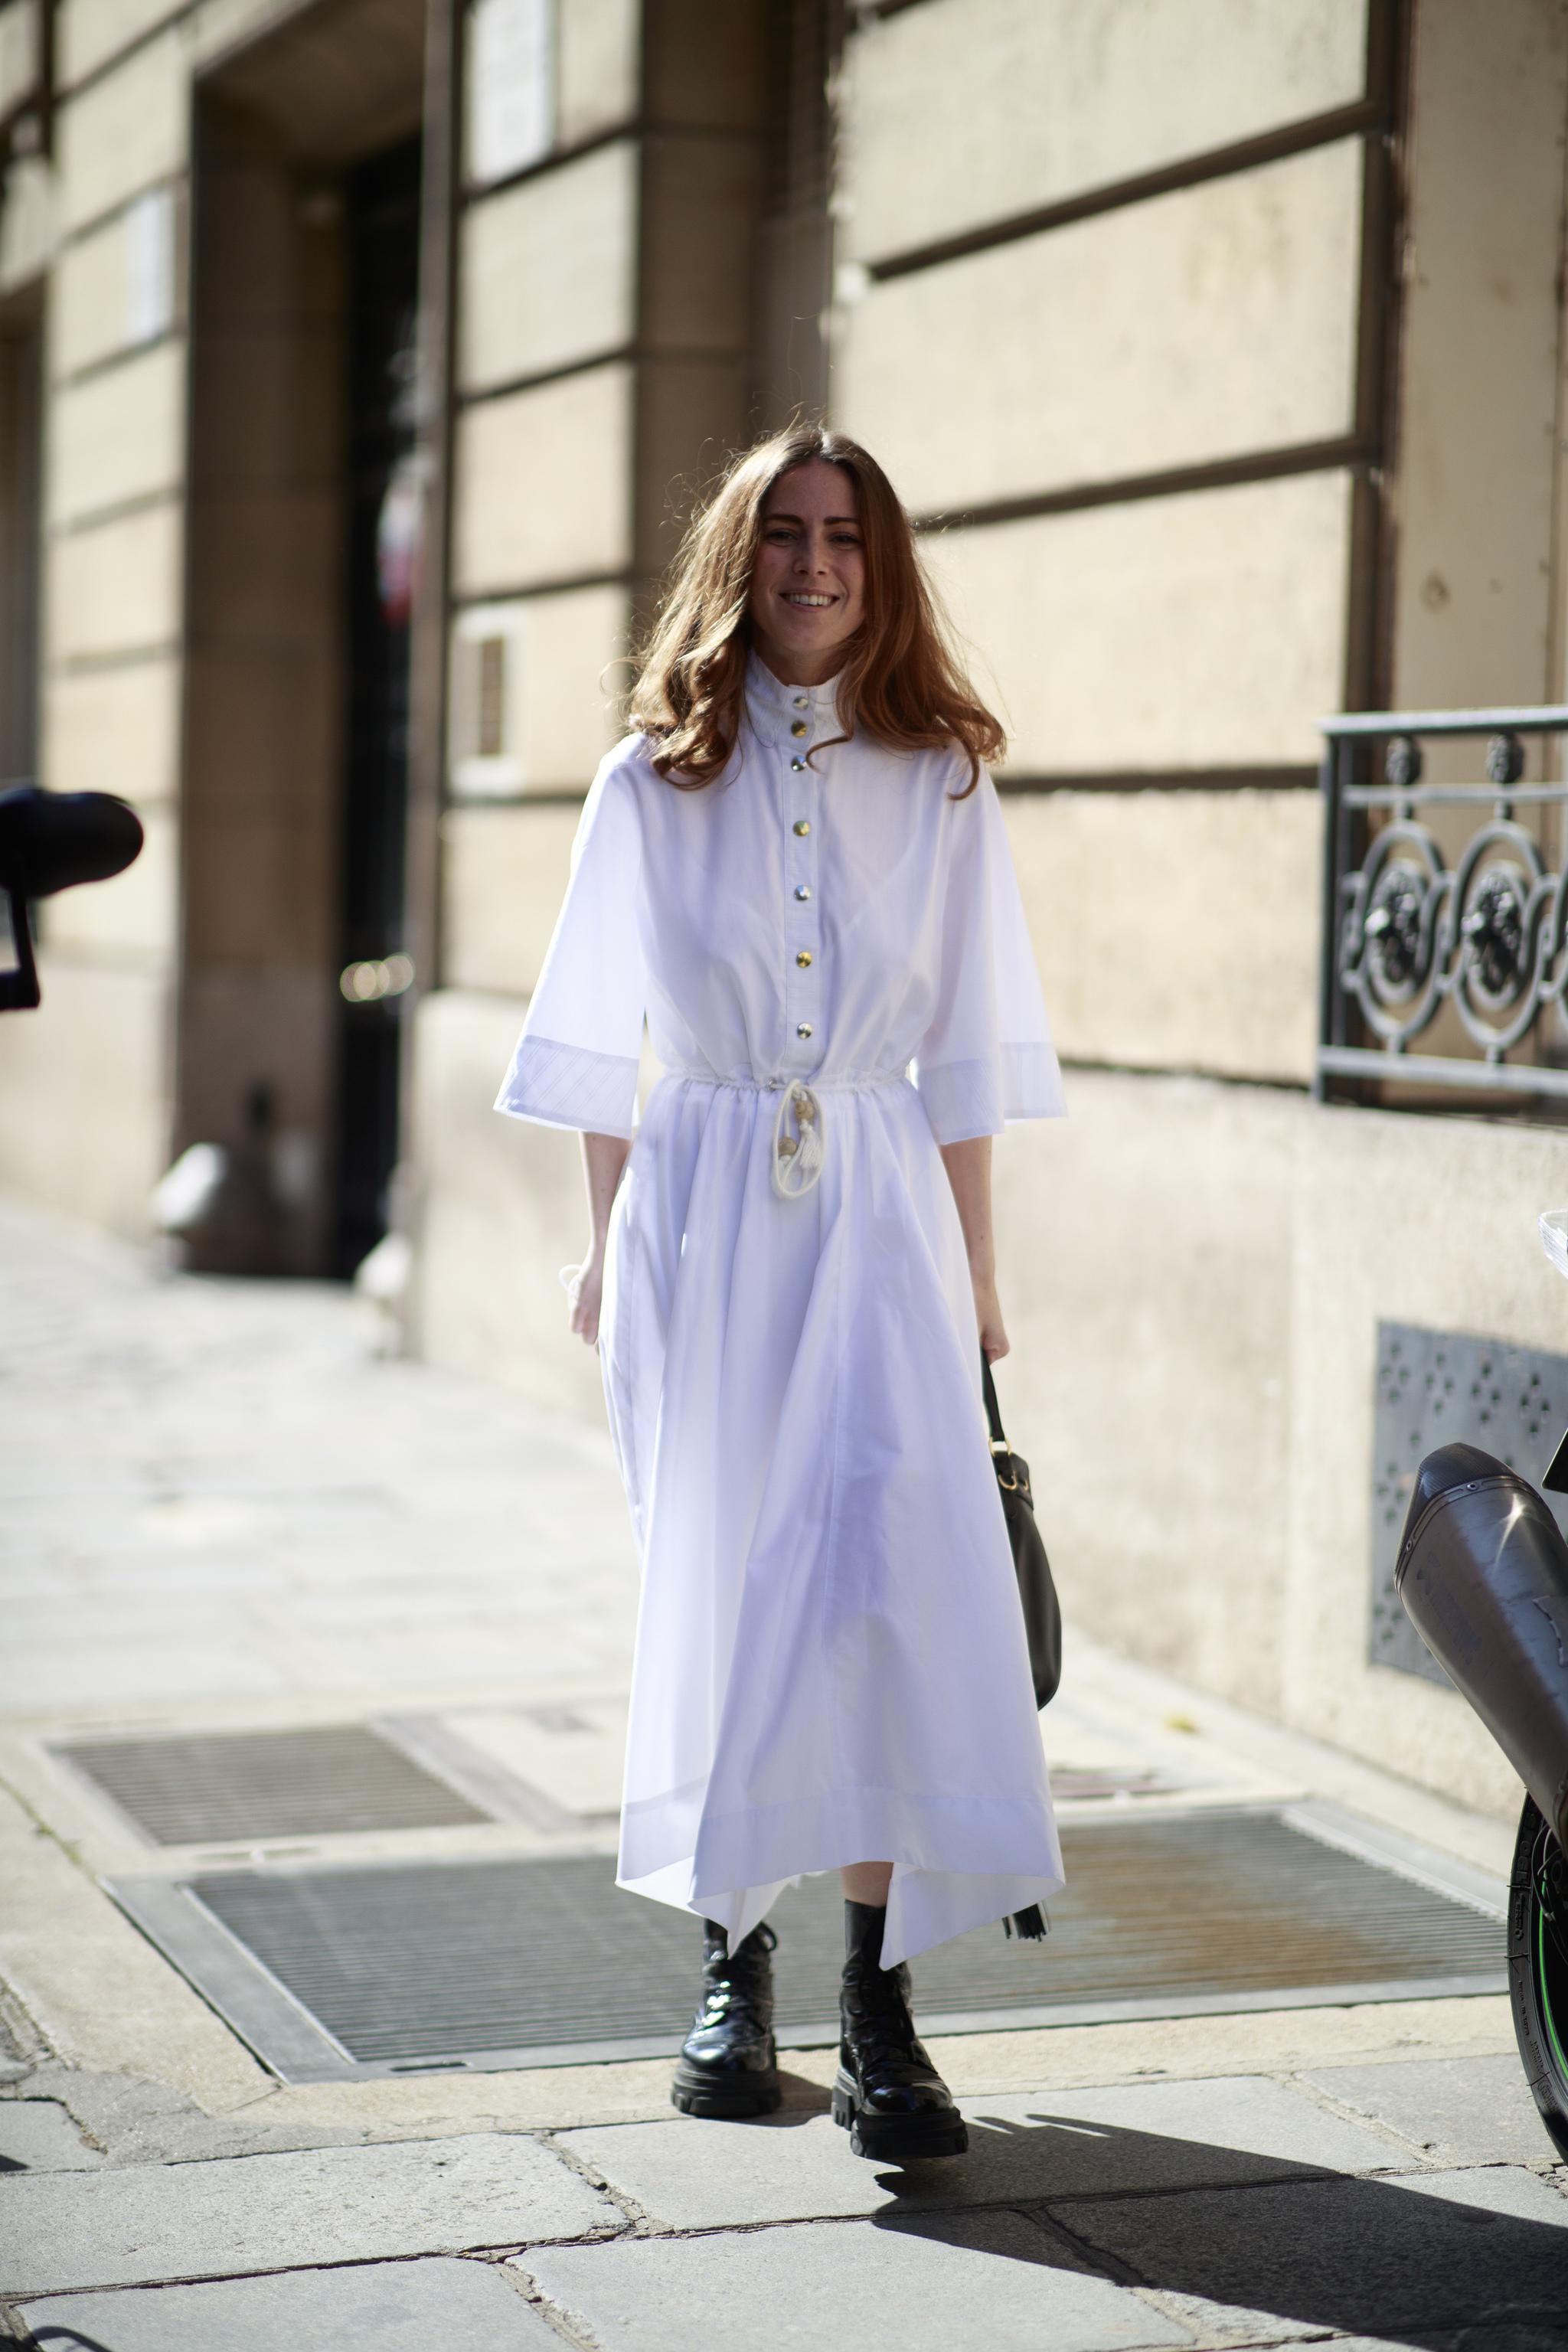 El vestido blanco siempre es una opción infalible.